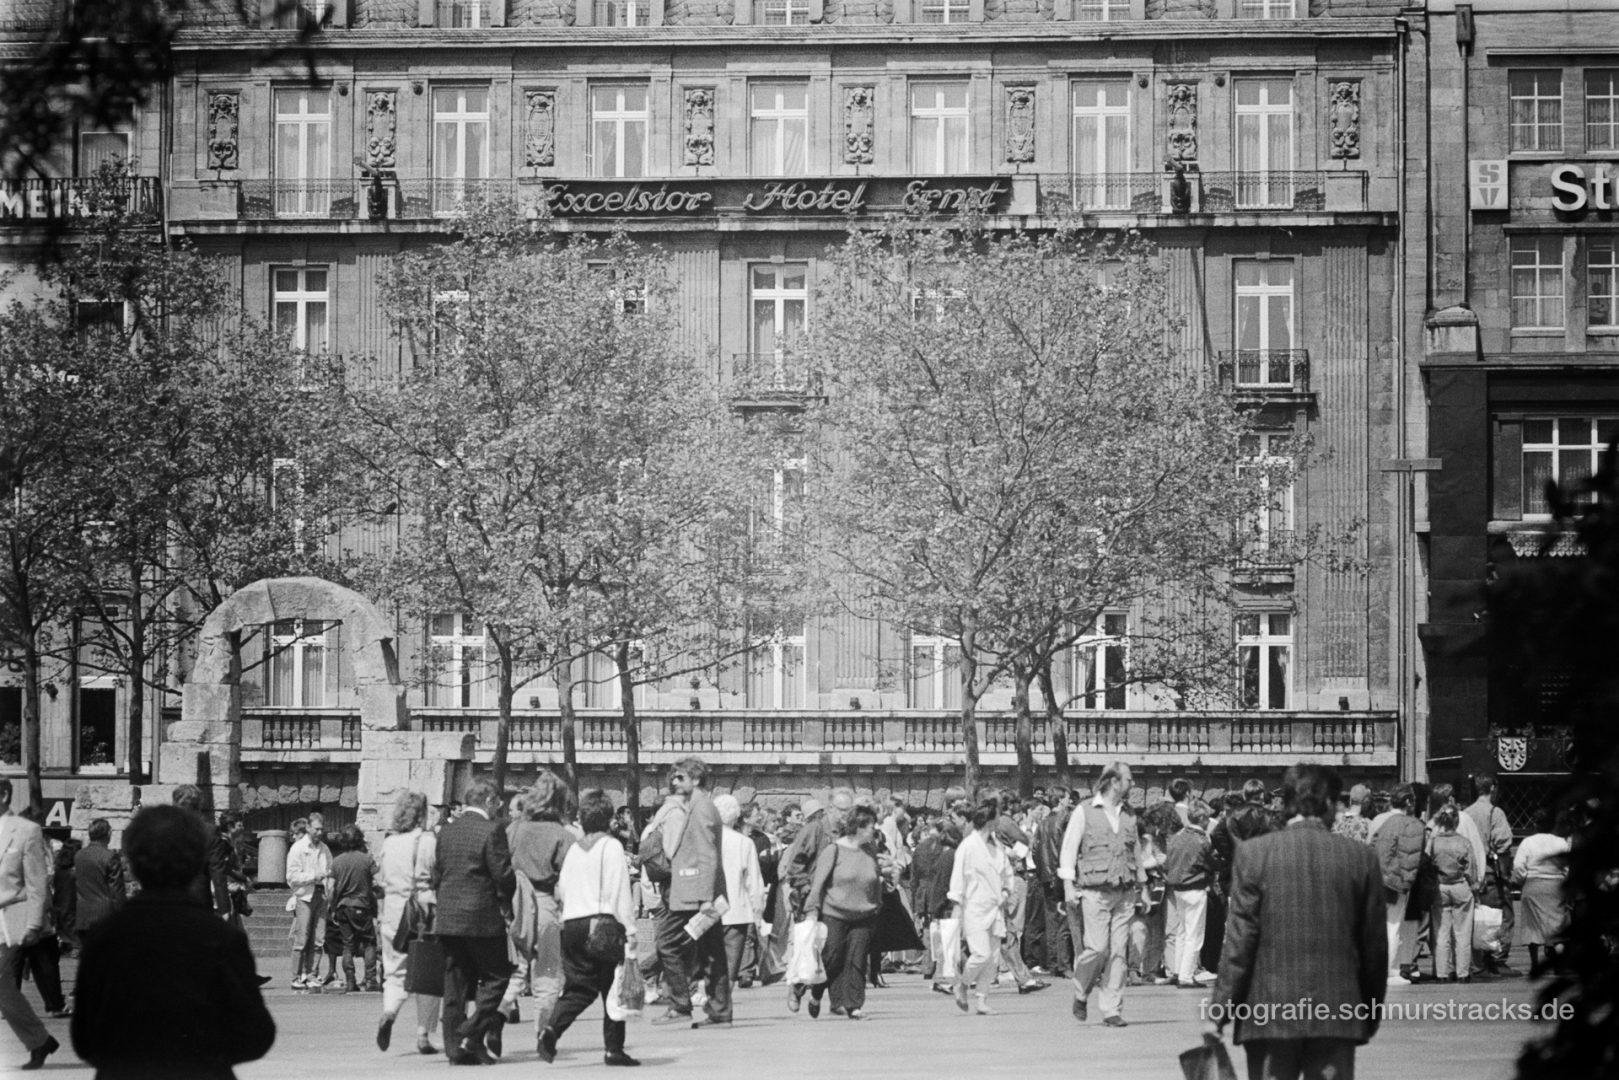 Excelsior Hotel Ernst in Köln #0514